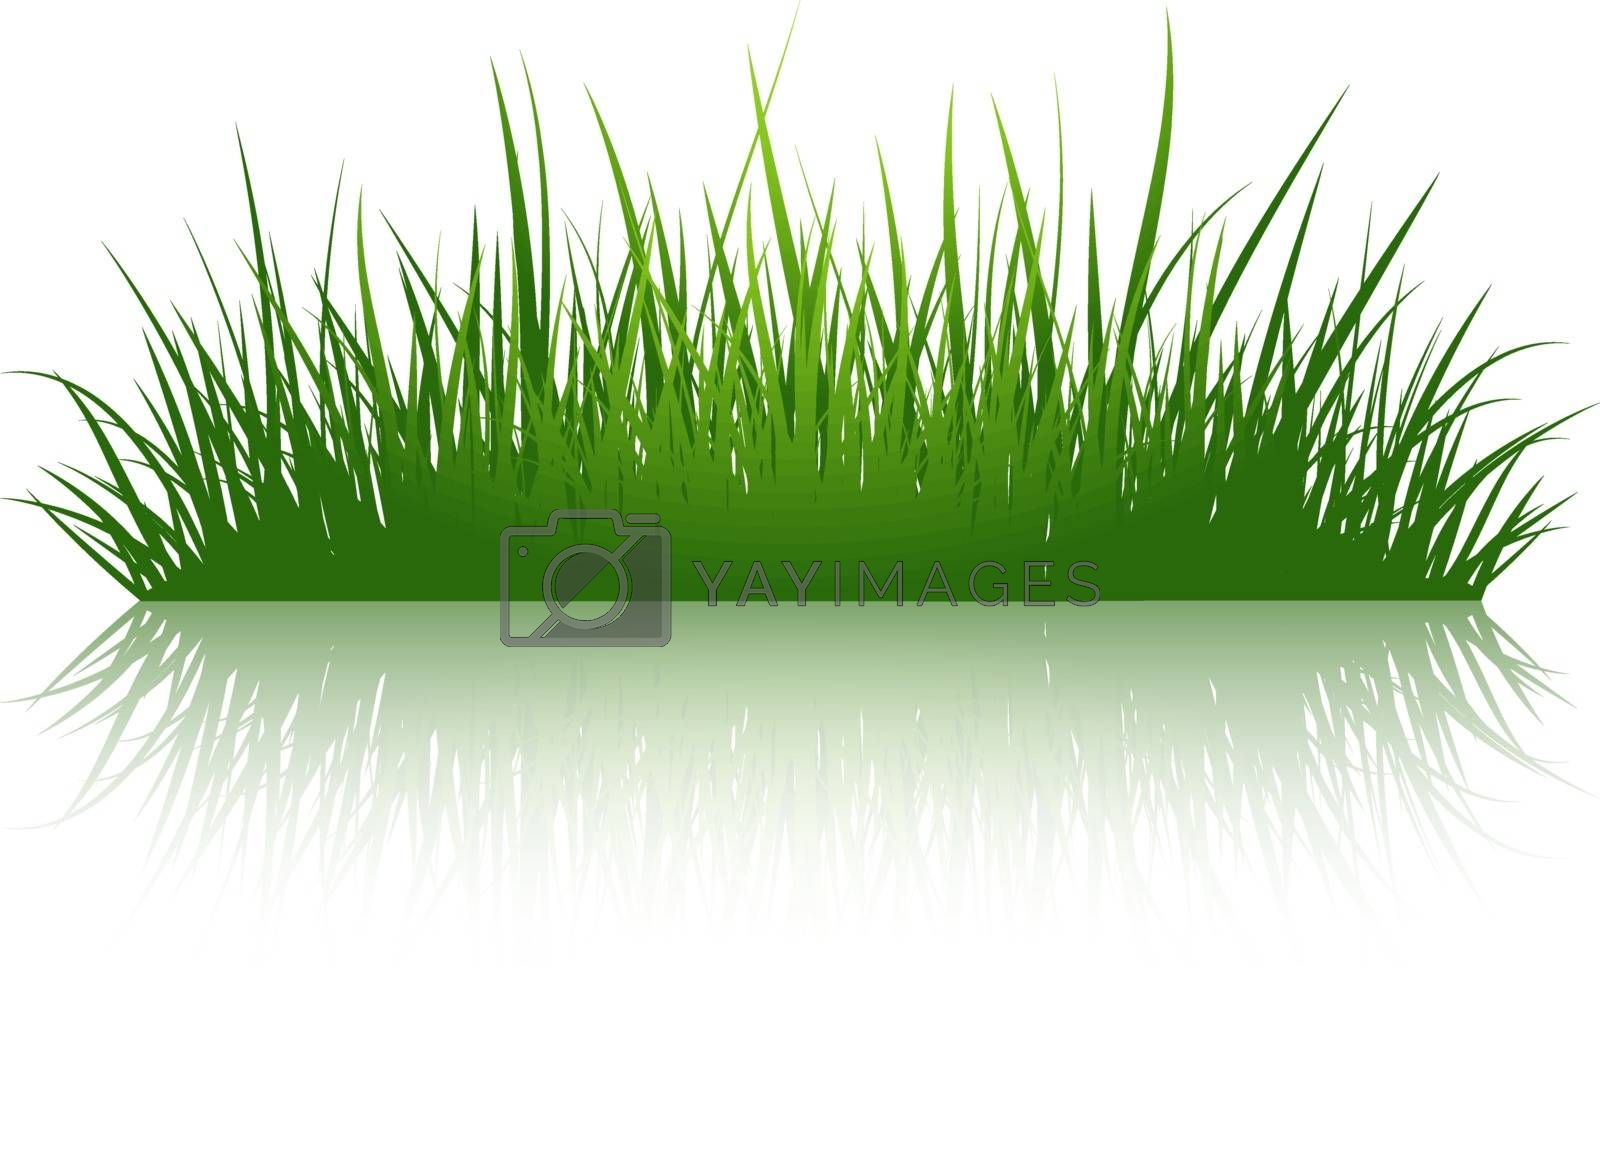 Green Grass Illustration Over White Background